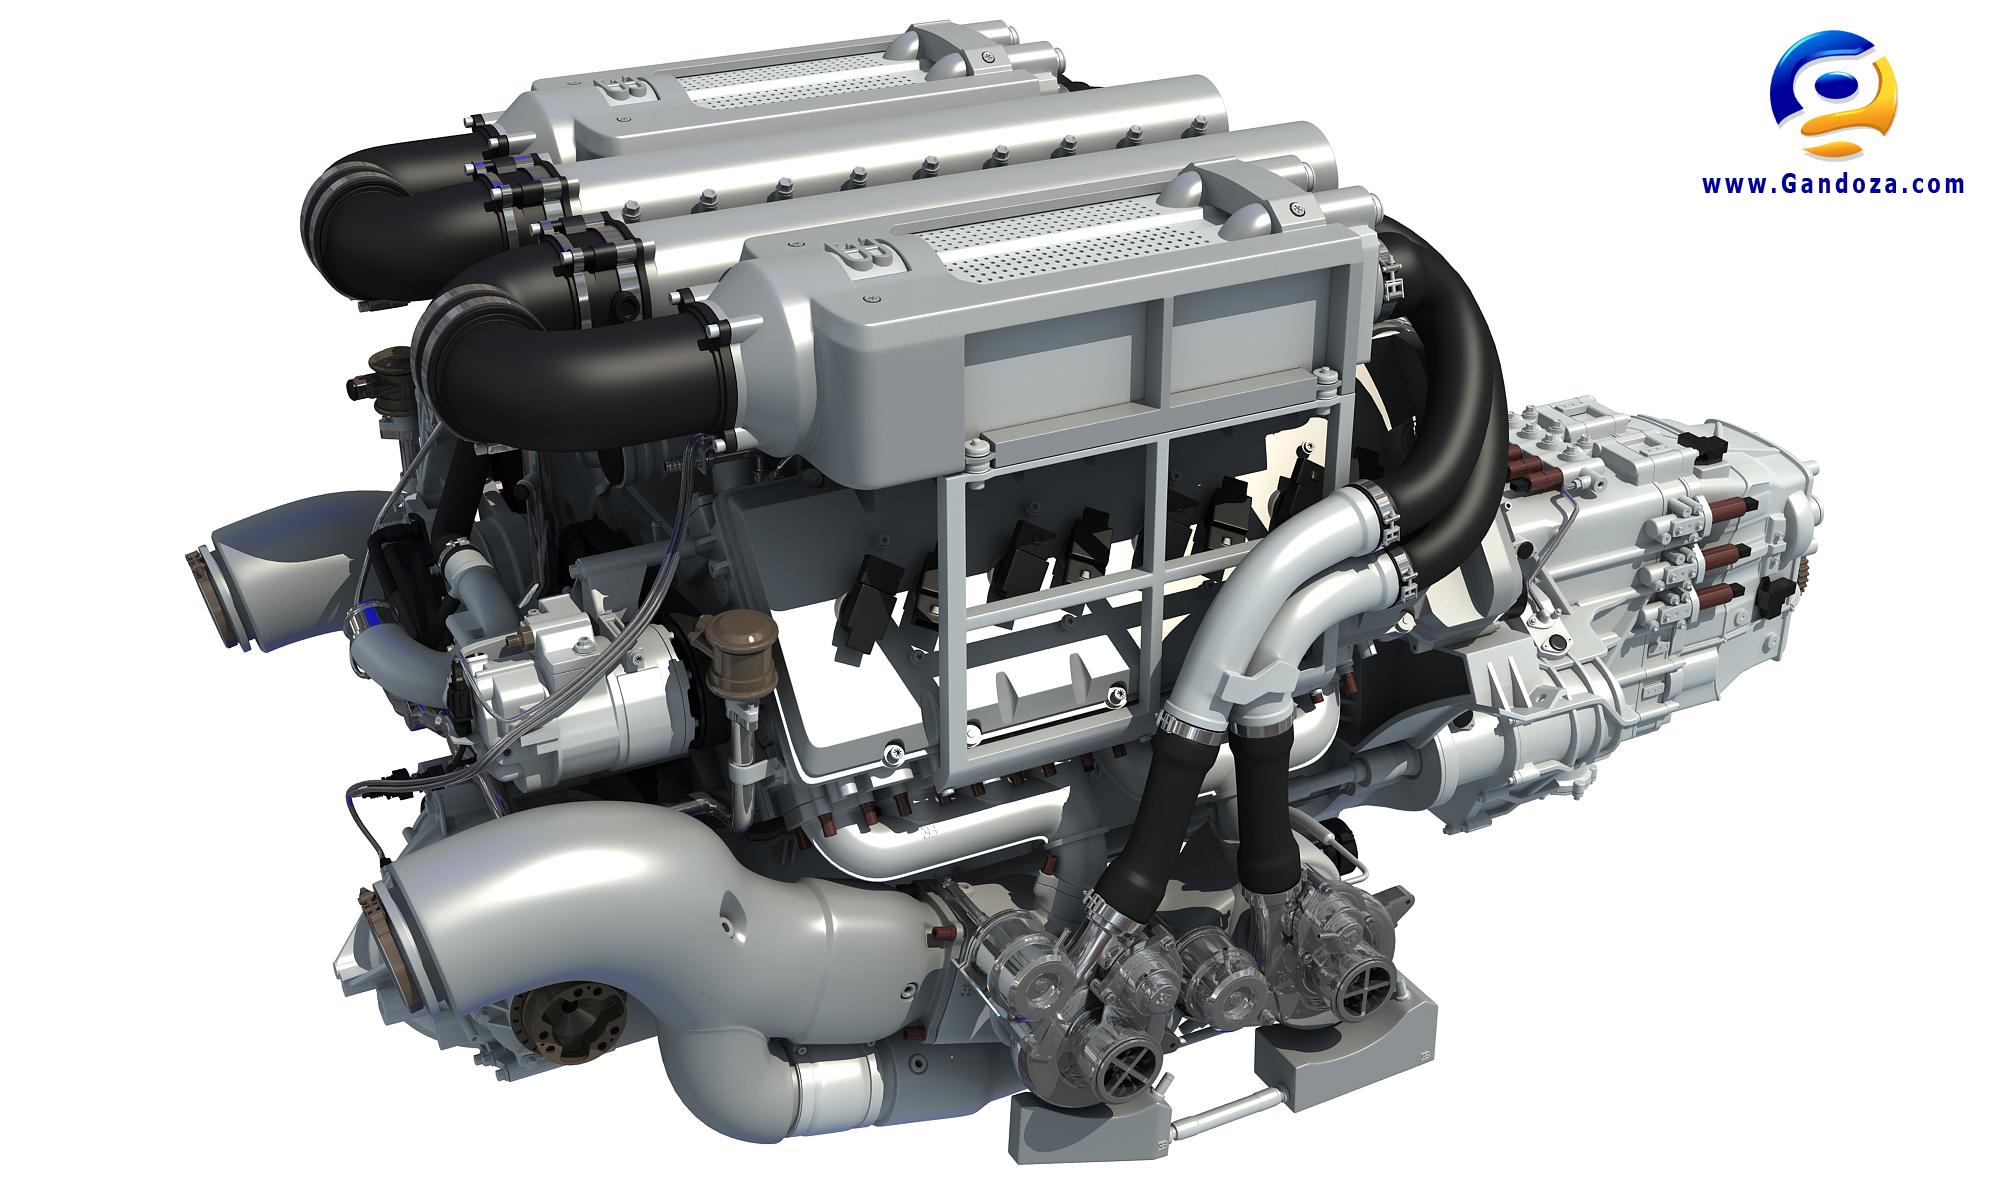 Bugatti Veyron W16 Engine 3D Model by Gandoza on DeviantArtDeviantArt